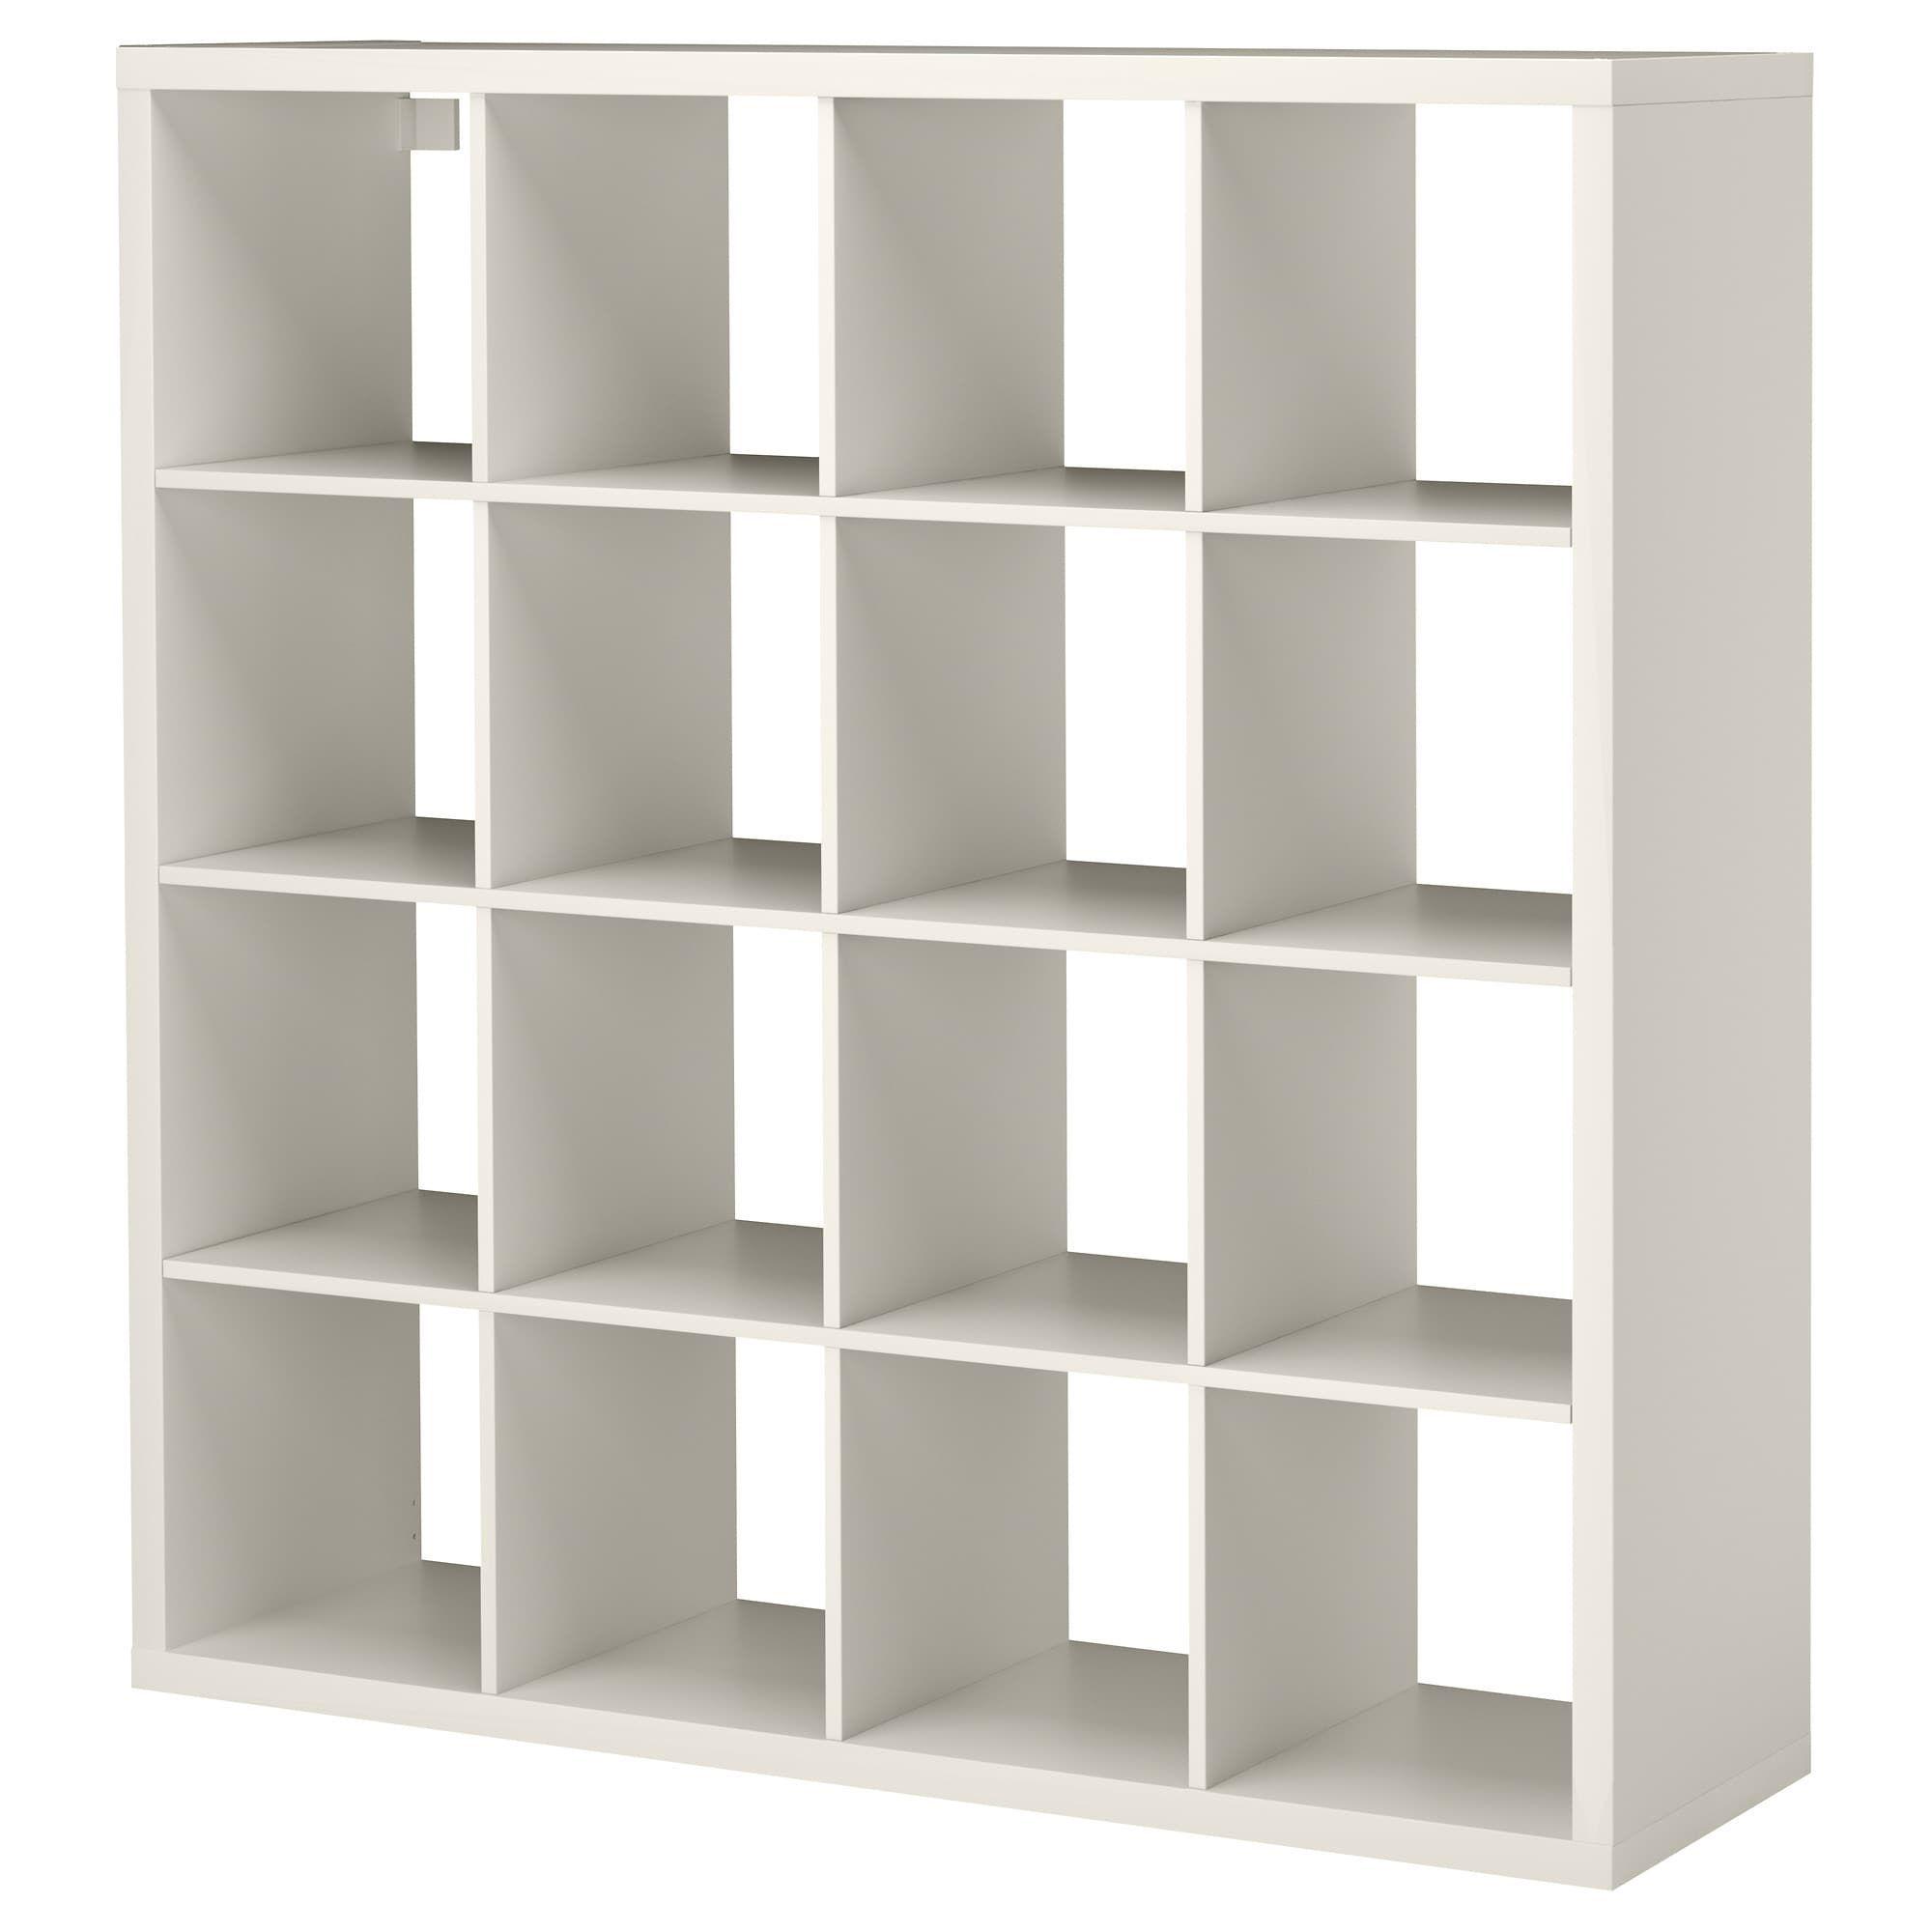 IKEA KALLAX White Shelf unit | Ikea | Ikea kallax shelf unit